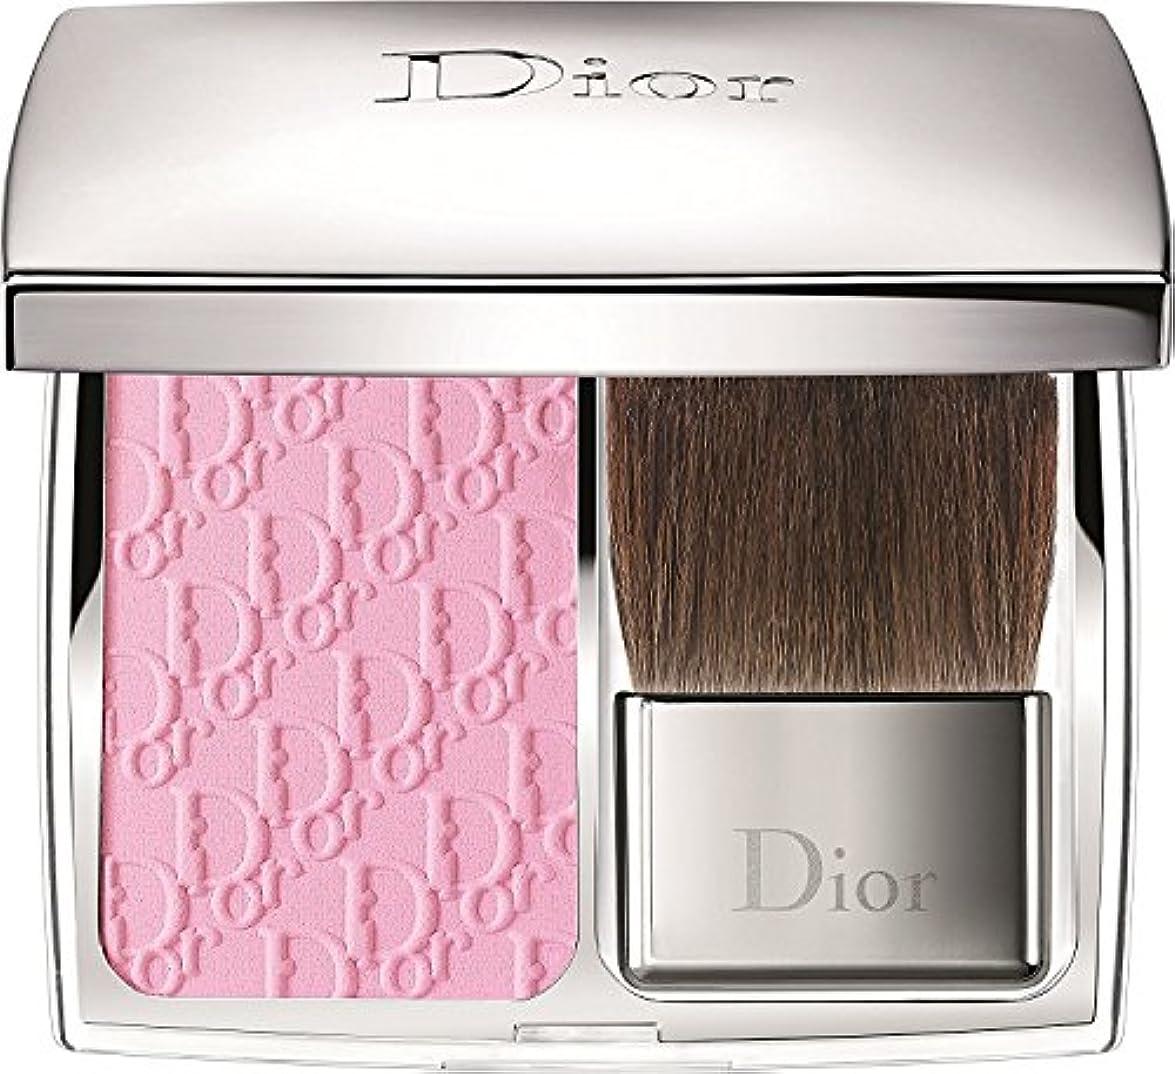 財政スムーズに死ぬクリスチャン ディオール Christian Dior ディオールスキン ロージー グロウ 001